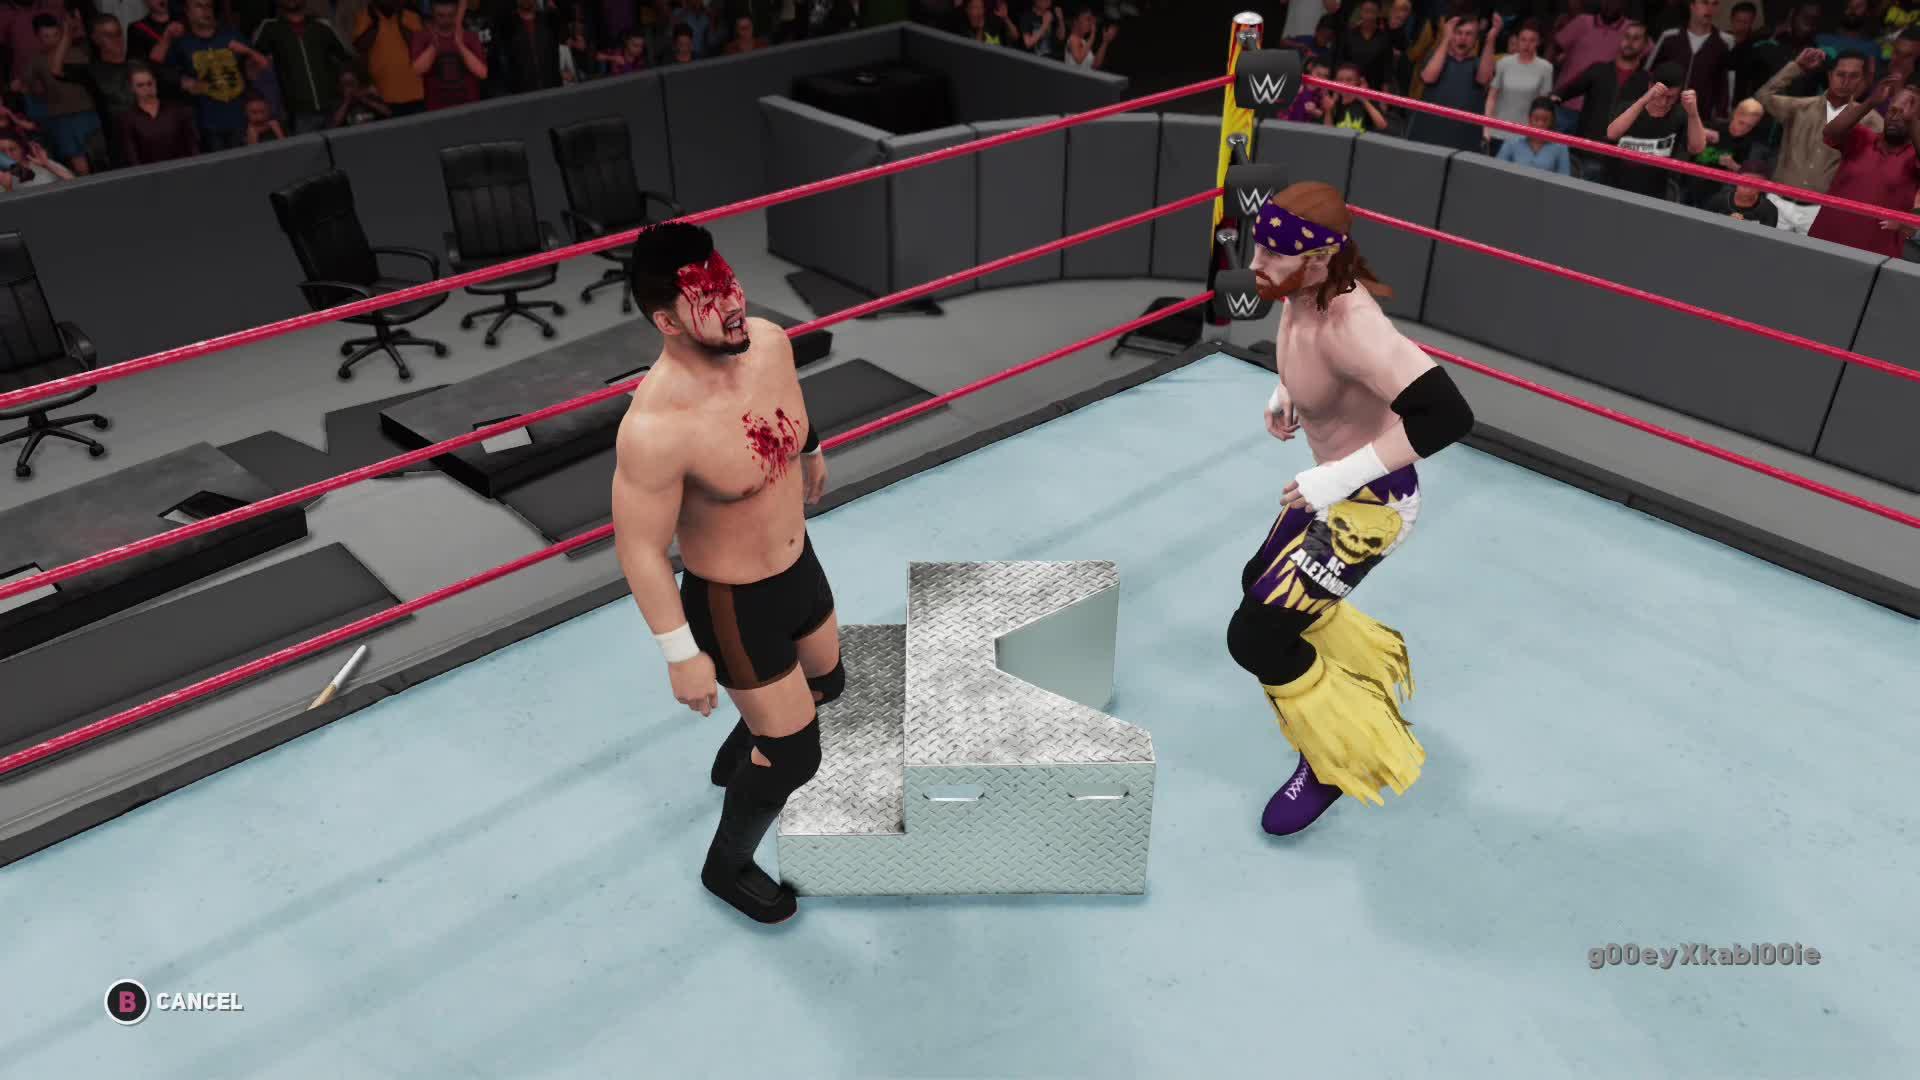 WWE2K18, g00eyXkabl00ie, xbox, xbox dvr, xbox one,  GIFs